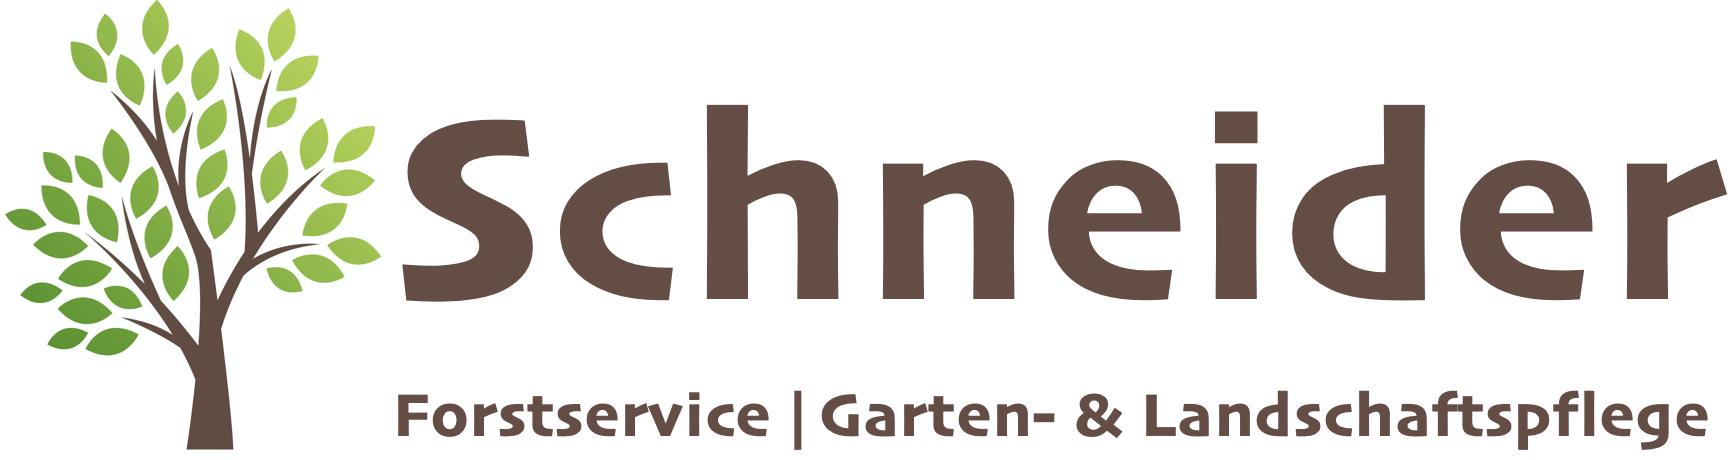 Schneider Forstservice | Garten & Landschaftspflege